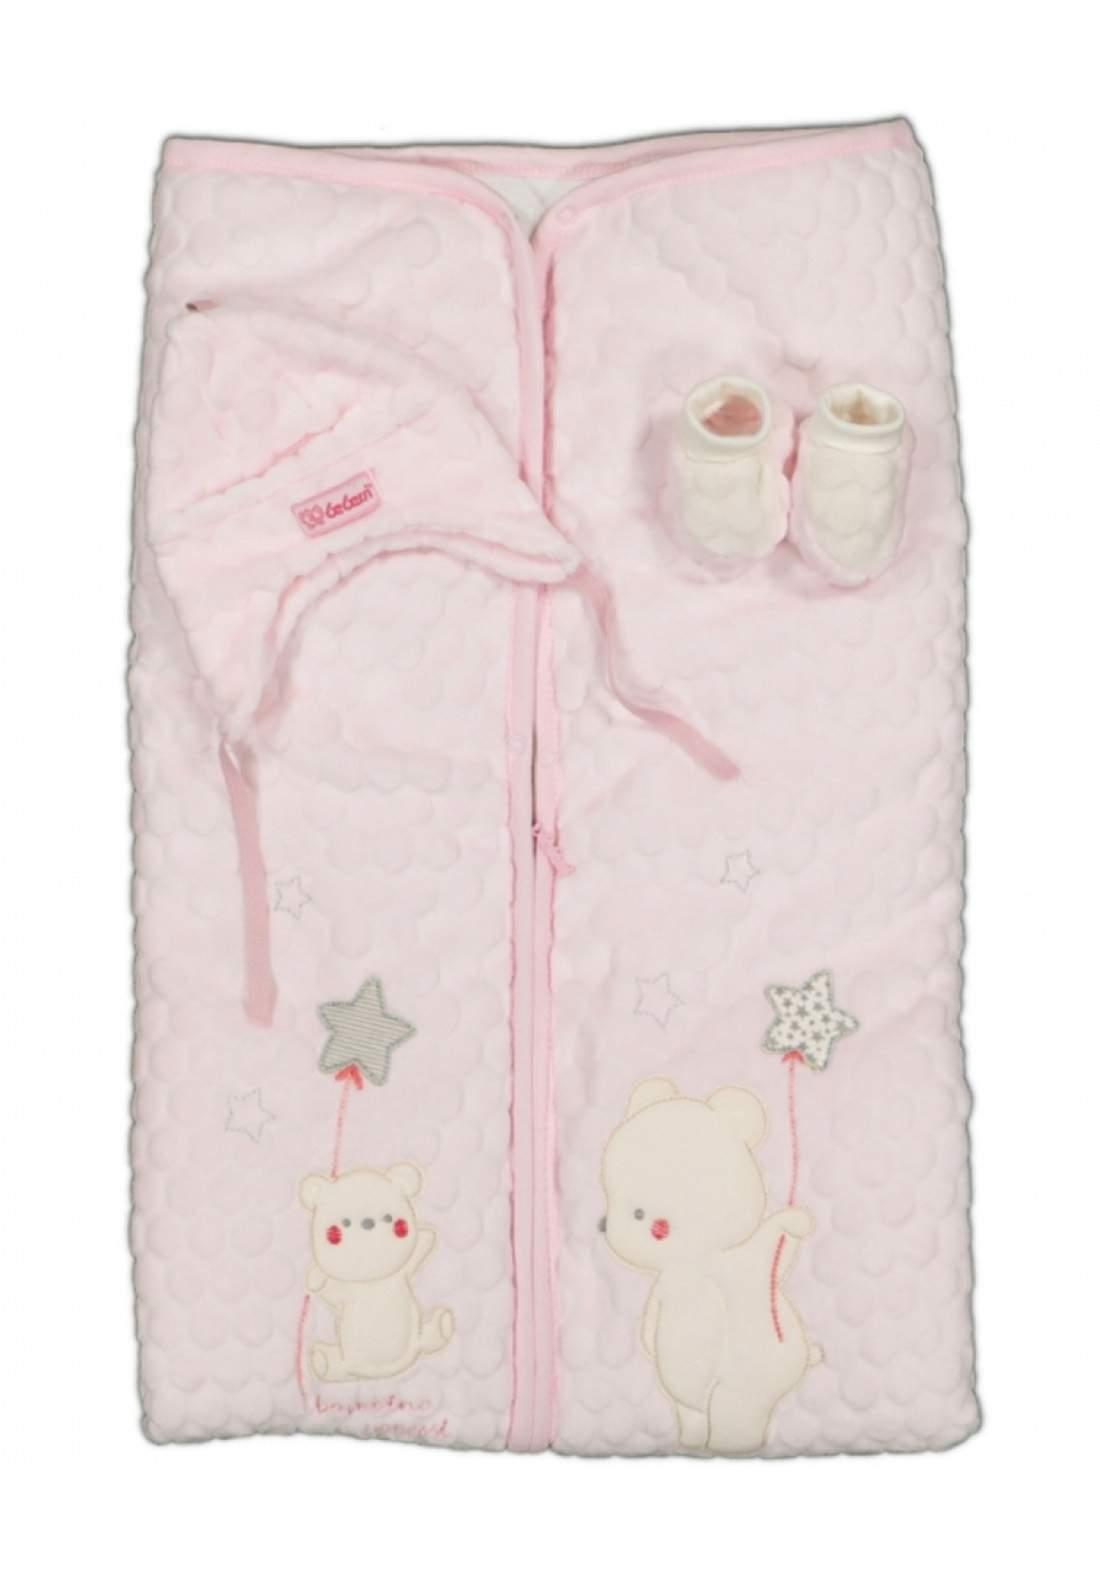 بطانية  للاطفال حديثي الولادة وردي اللون